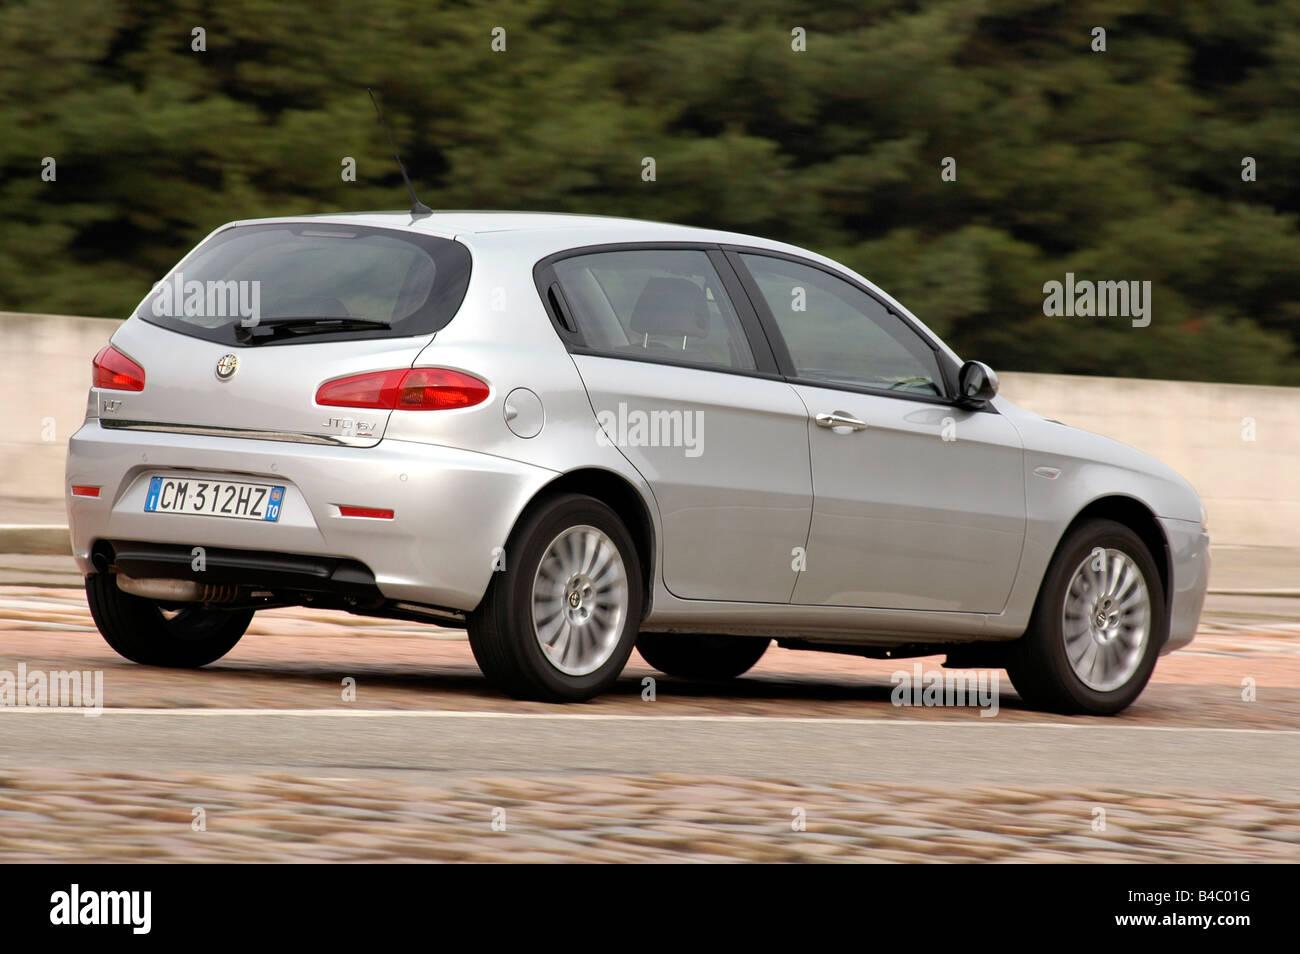 Car Alfa Romeo Jtd Model Year Silver Lower Middle Sized B C G